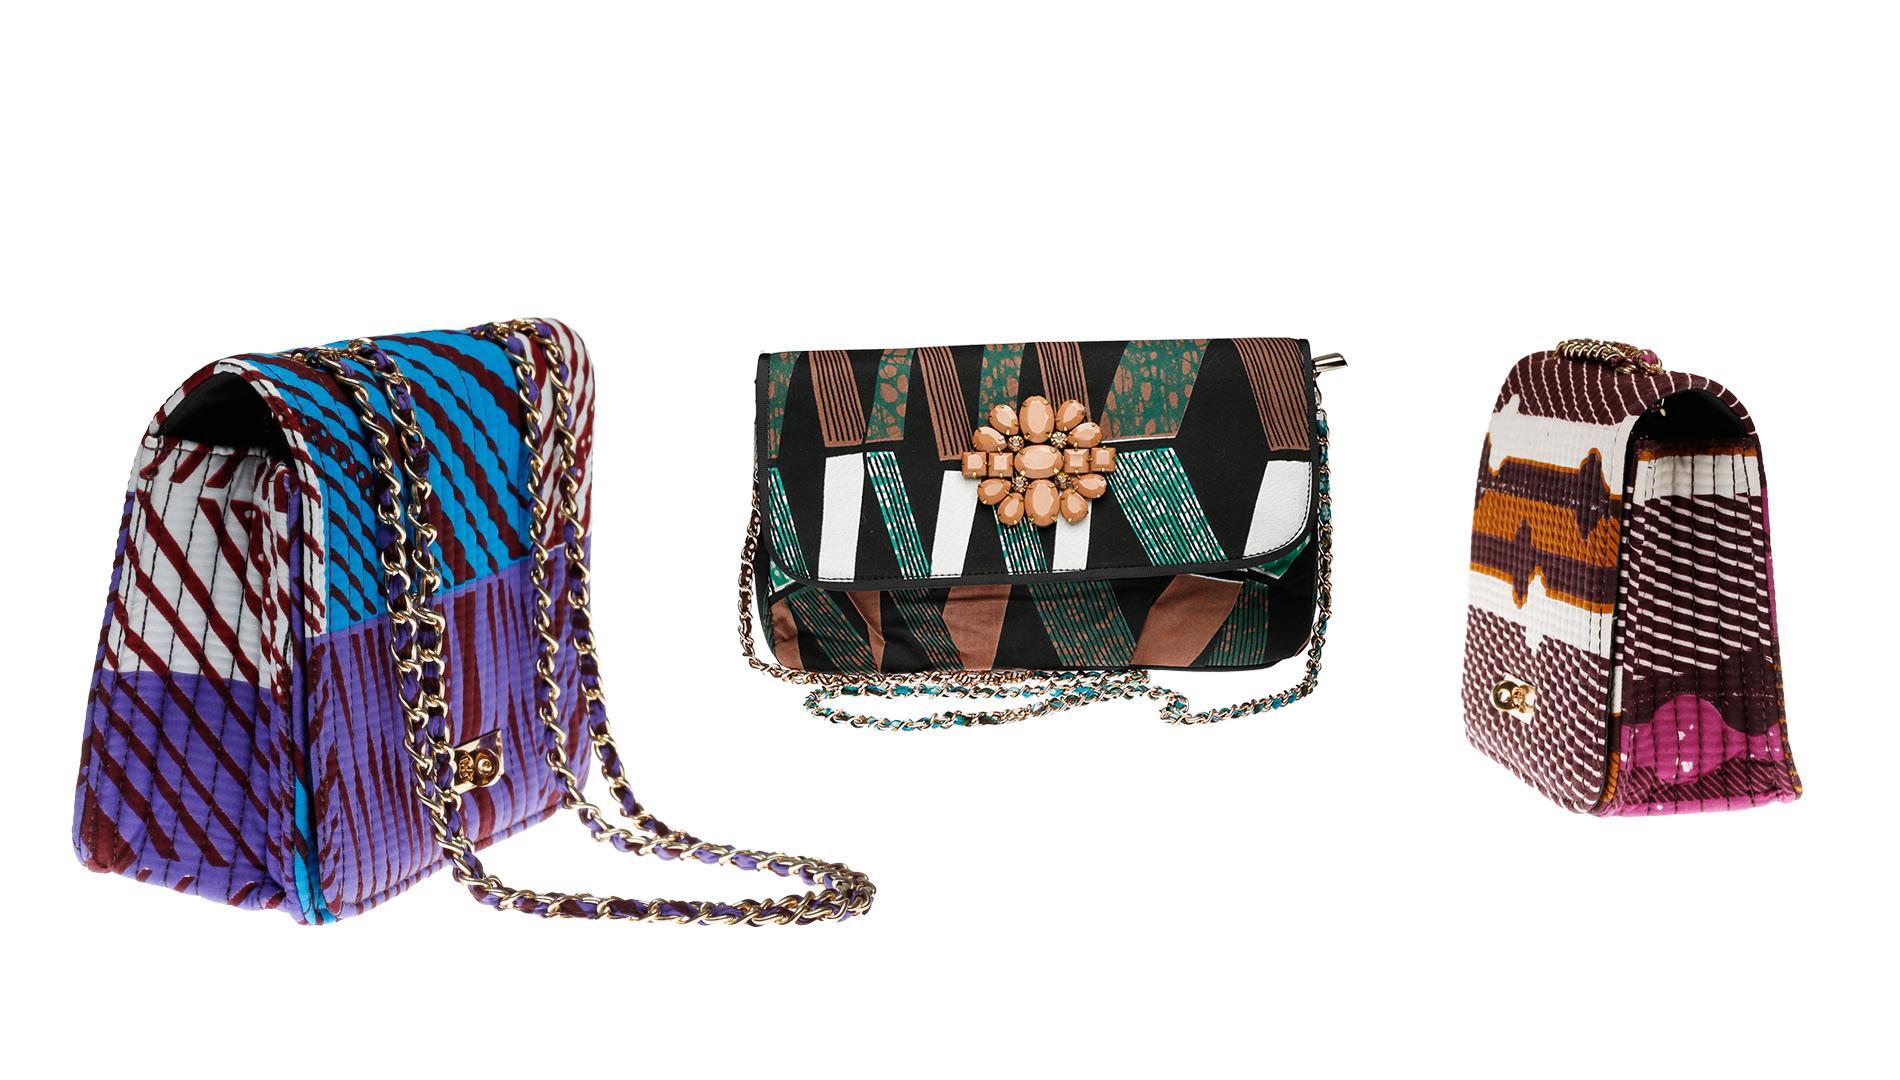 Jeunes Mode La Africaine Les Créateurs Font Madame Briller Qui Figaro BC66Uwxq